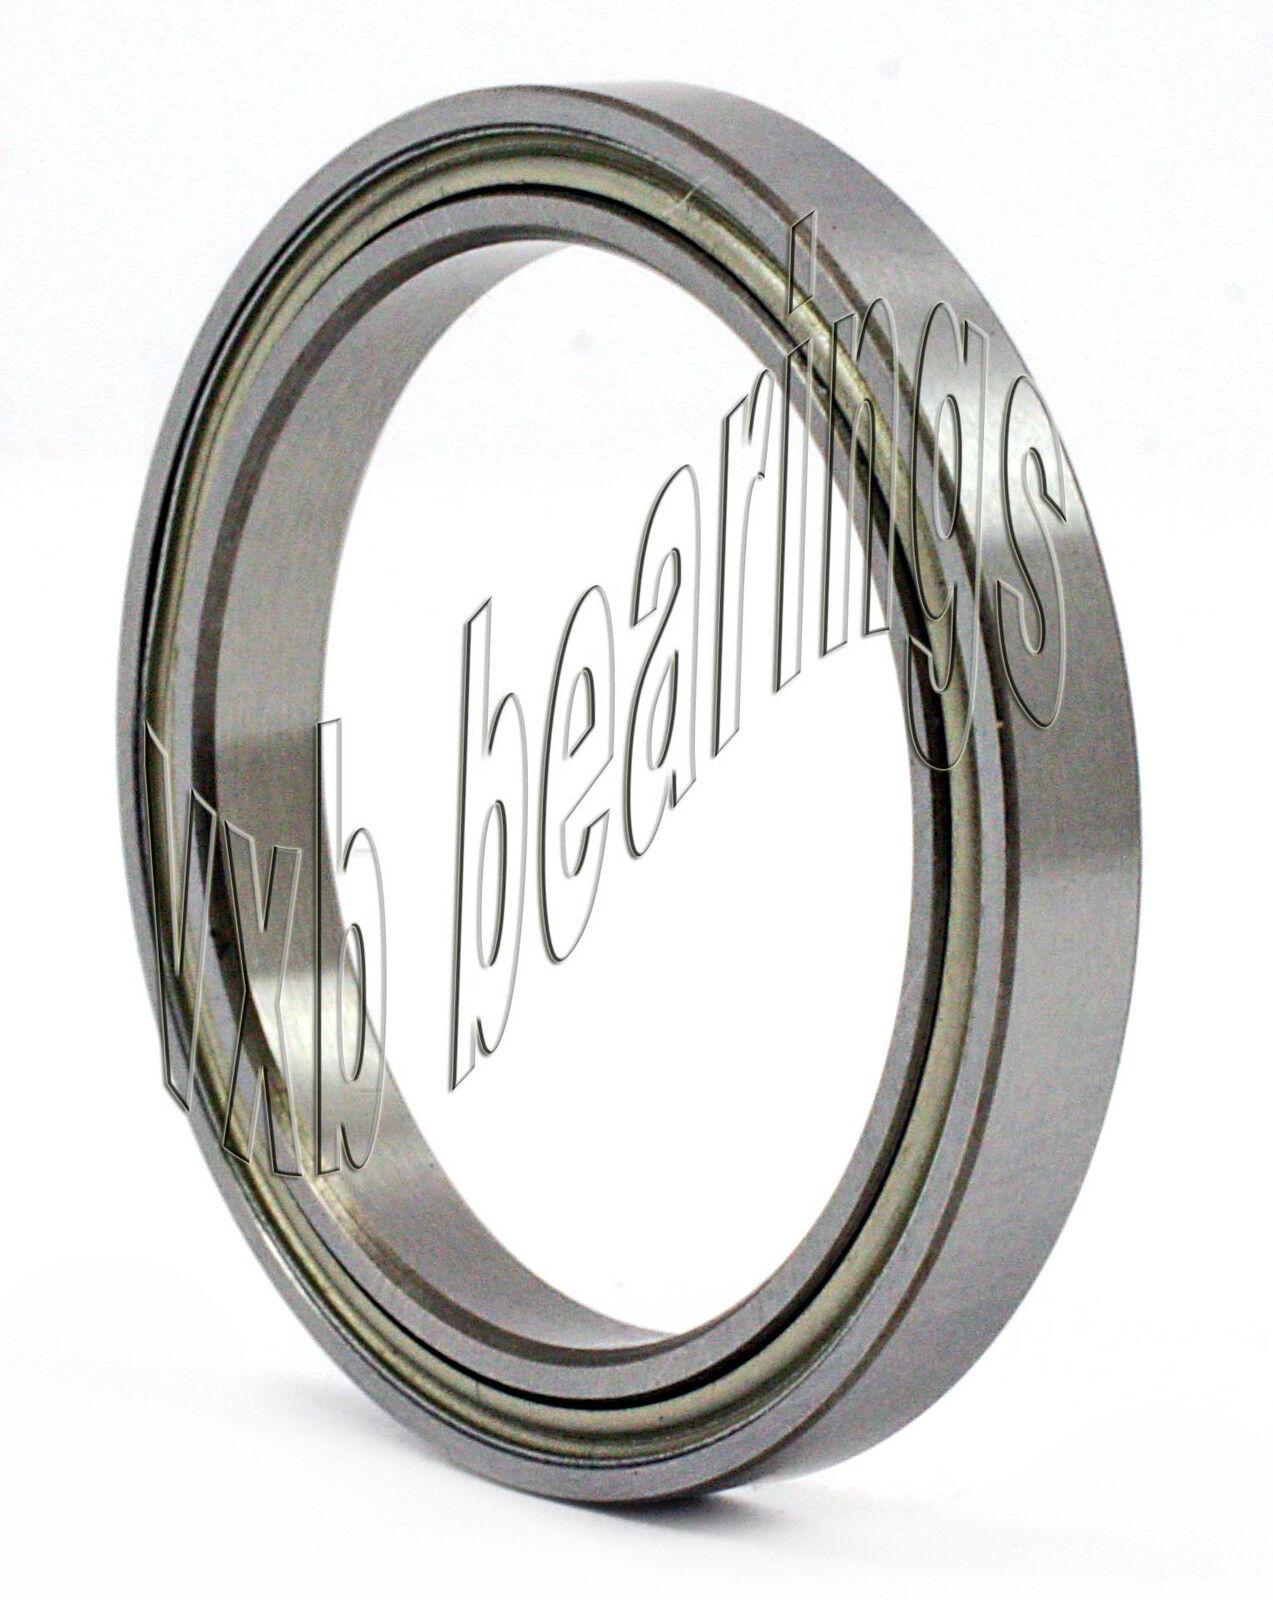 6812ZZ Bearing 60 x 78 x 10 mm Metric Quality Bearings